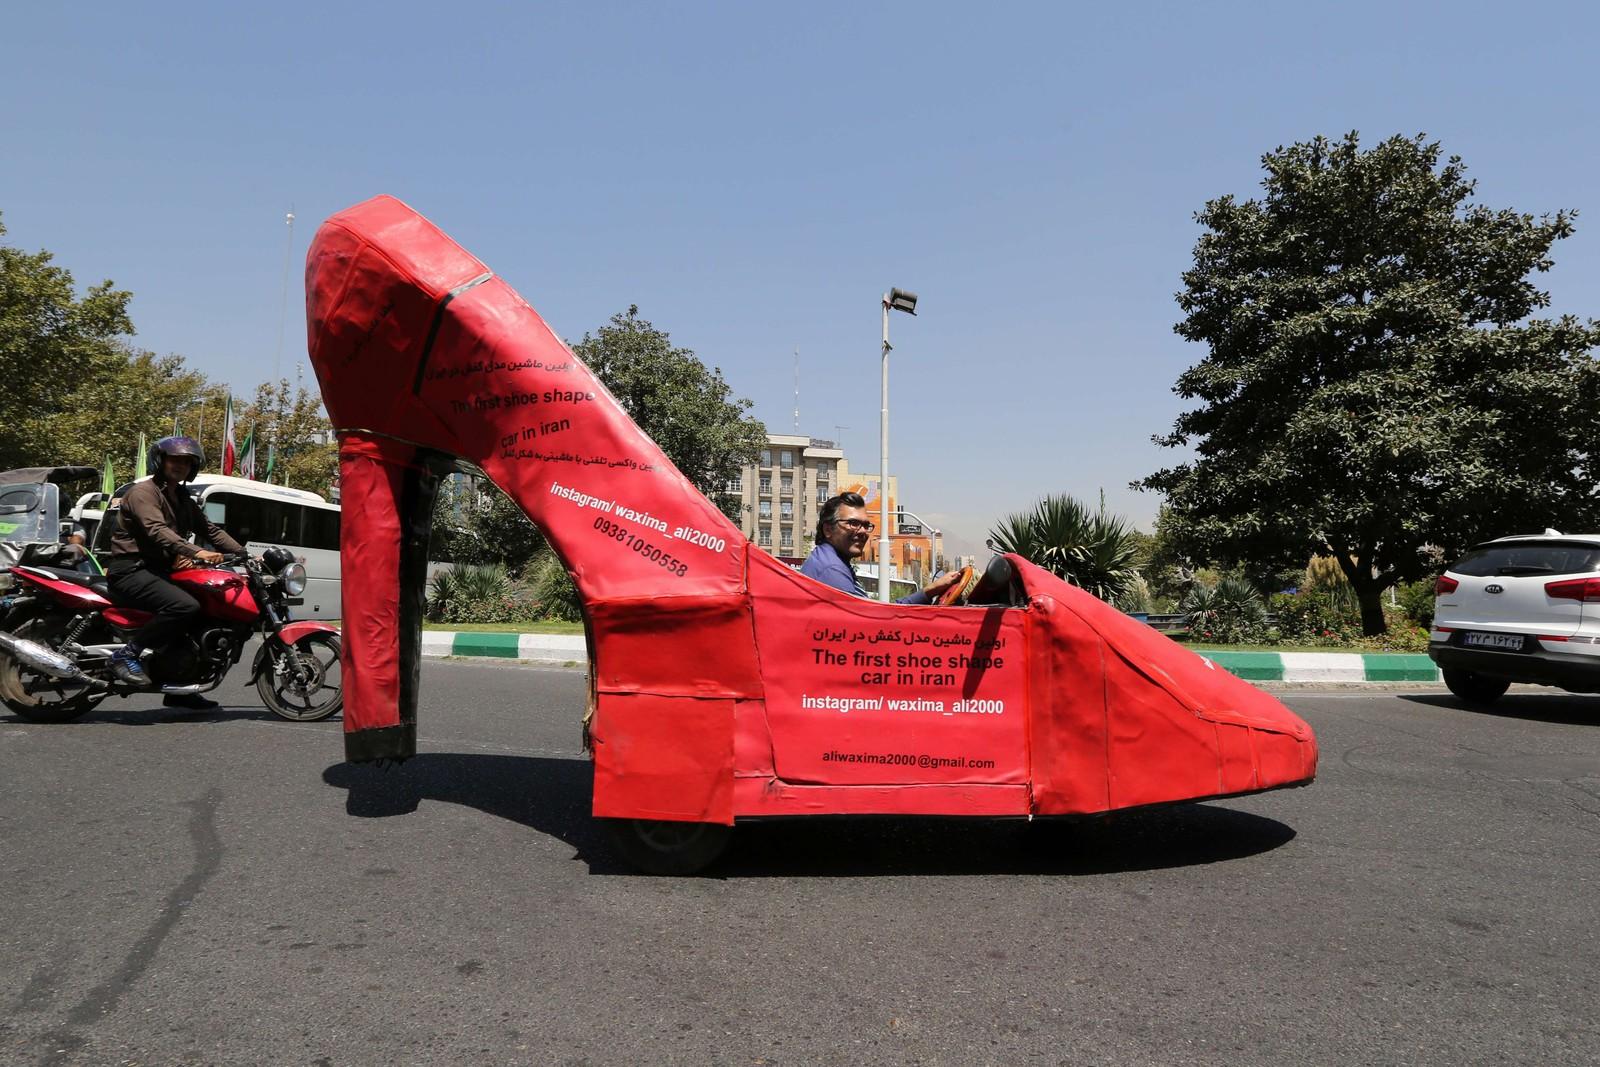 Den iranske skopusseren Mohammad Ali Hassan Khani kjører sin motoriserte, røde stilletsko nedover gata i hovedstaden Teheran. Den enorme skoen vekker, ikke uventa, oppsikt i byen, og skaffer visstnok skopusseren godt med oppdrag.